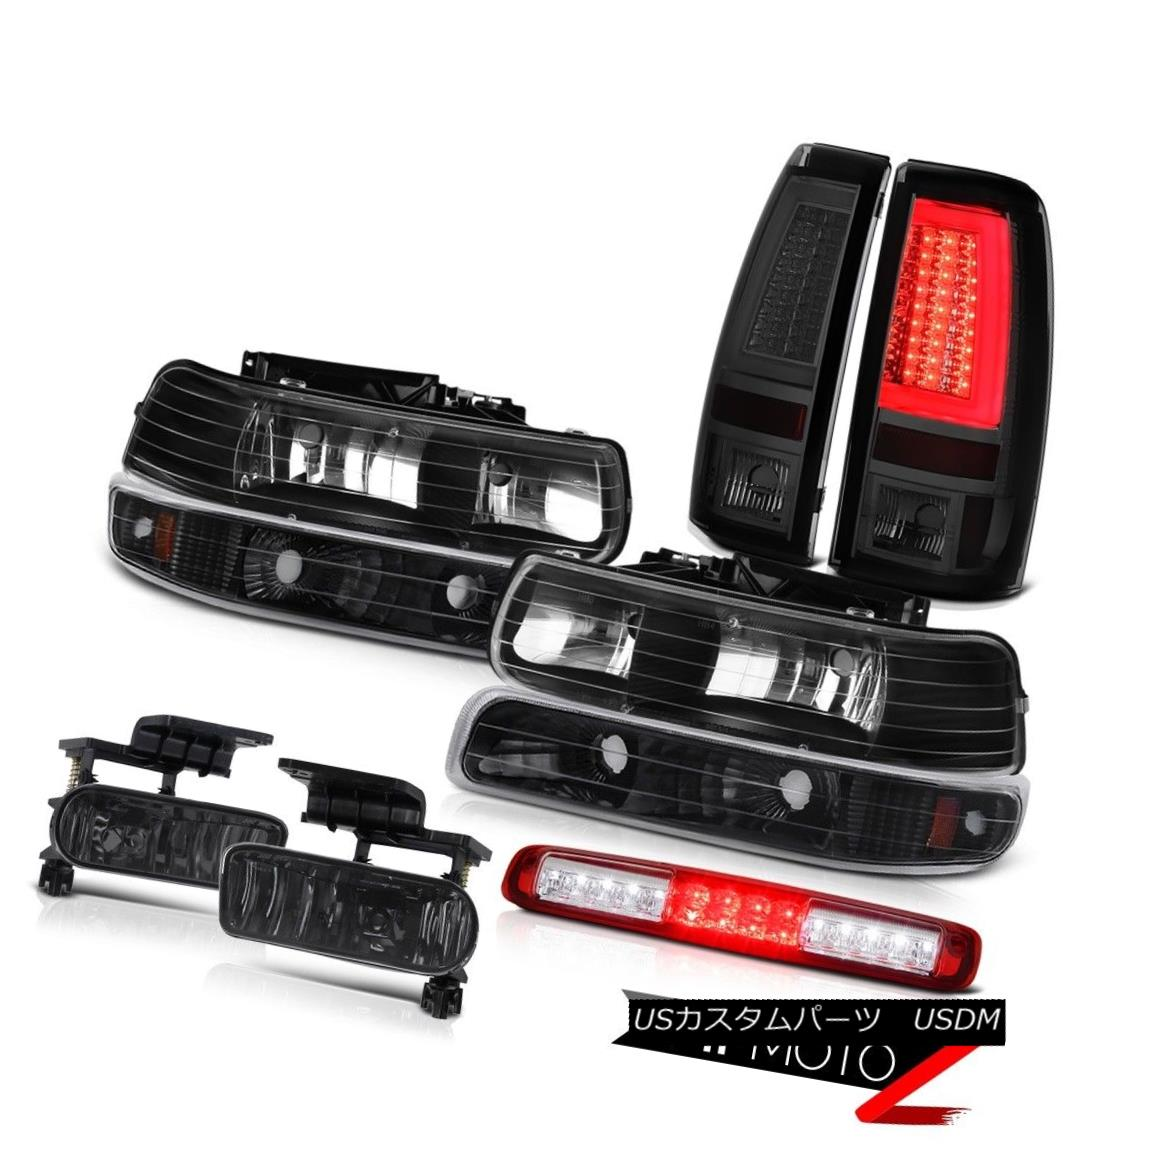 テールライト 99 00 01 02 Silverado LT Taillamps Red 3rd Brake Lamp Black Headlights Fog Lamps 99 00 01 02 Silverado LT Taillampsレッド第3ブレーキランプブラックヘッドライトフォグランプ